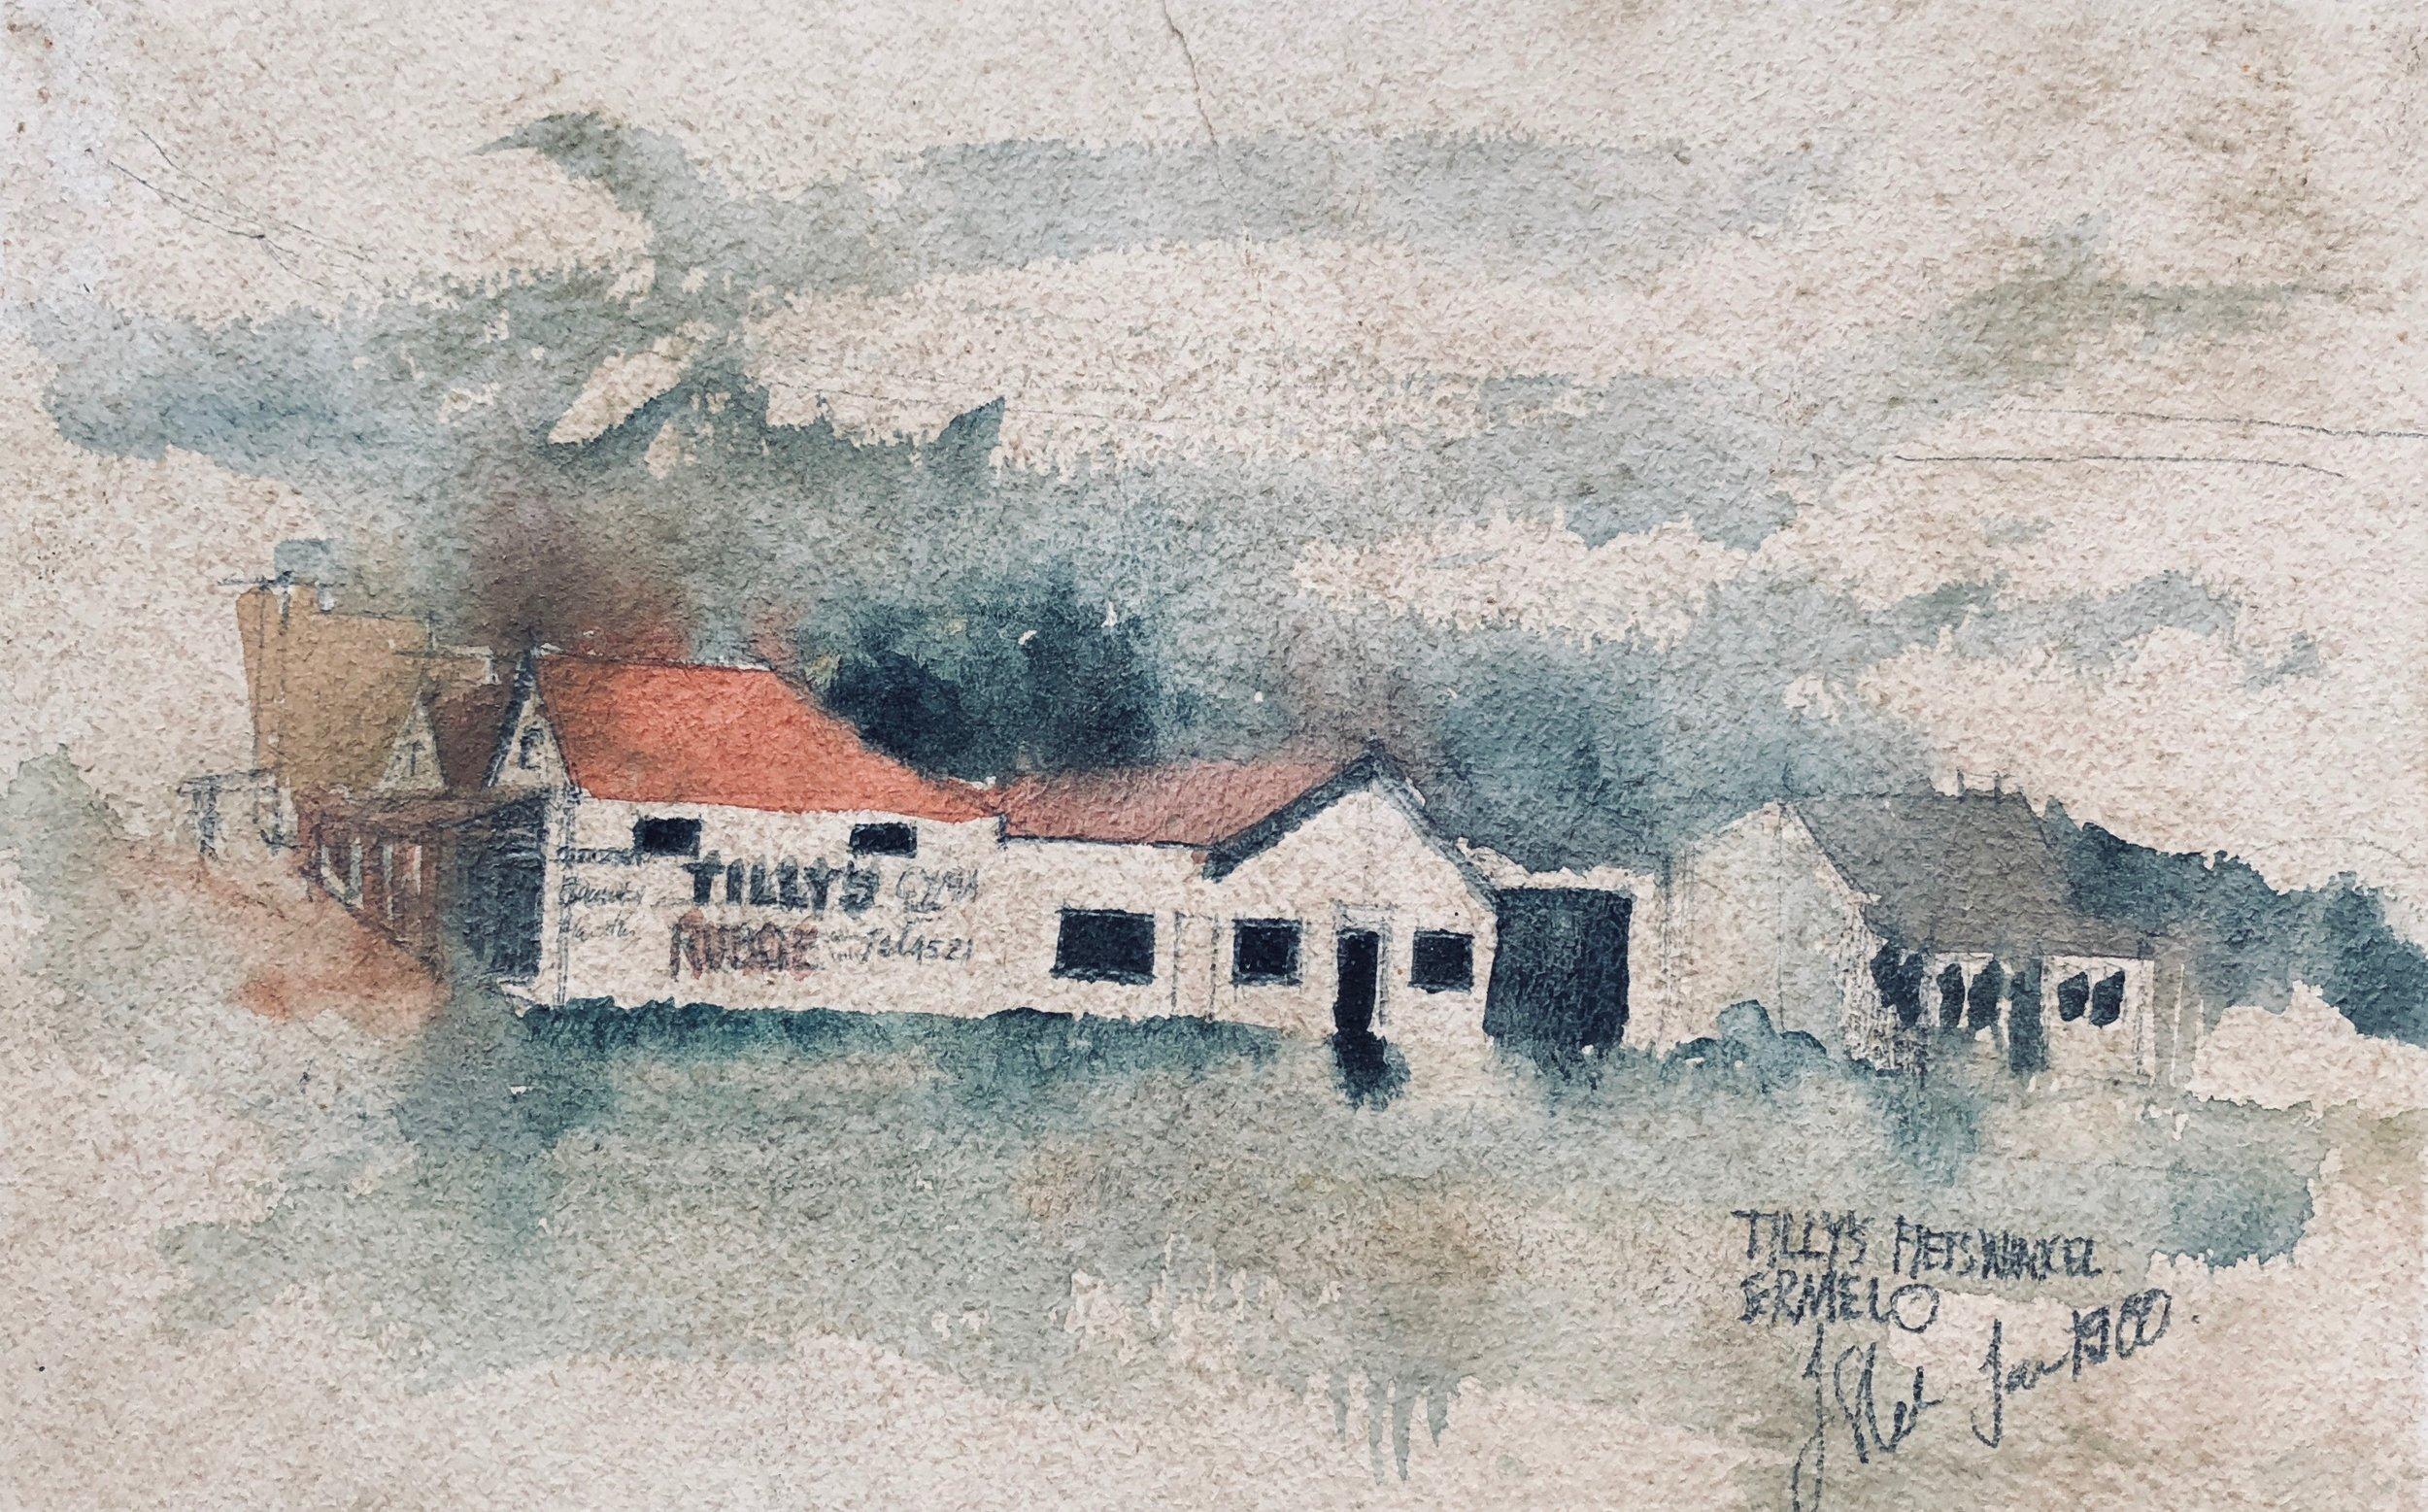 NaudeStreet1_Ermelo1979_Watercolour_JohannSlee.jpg